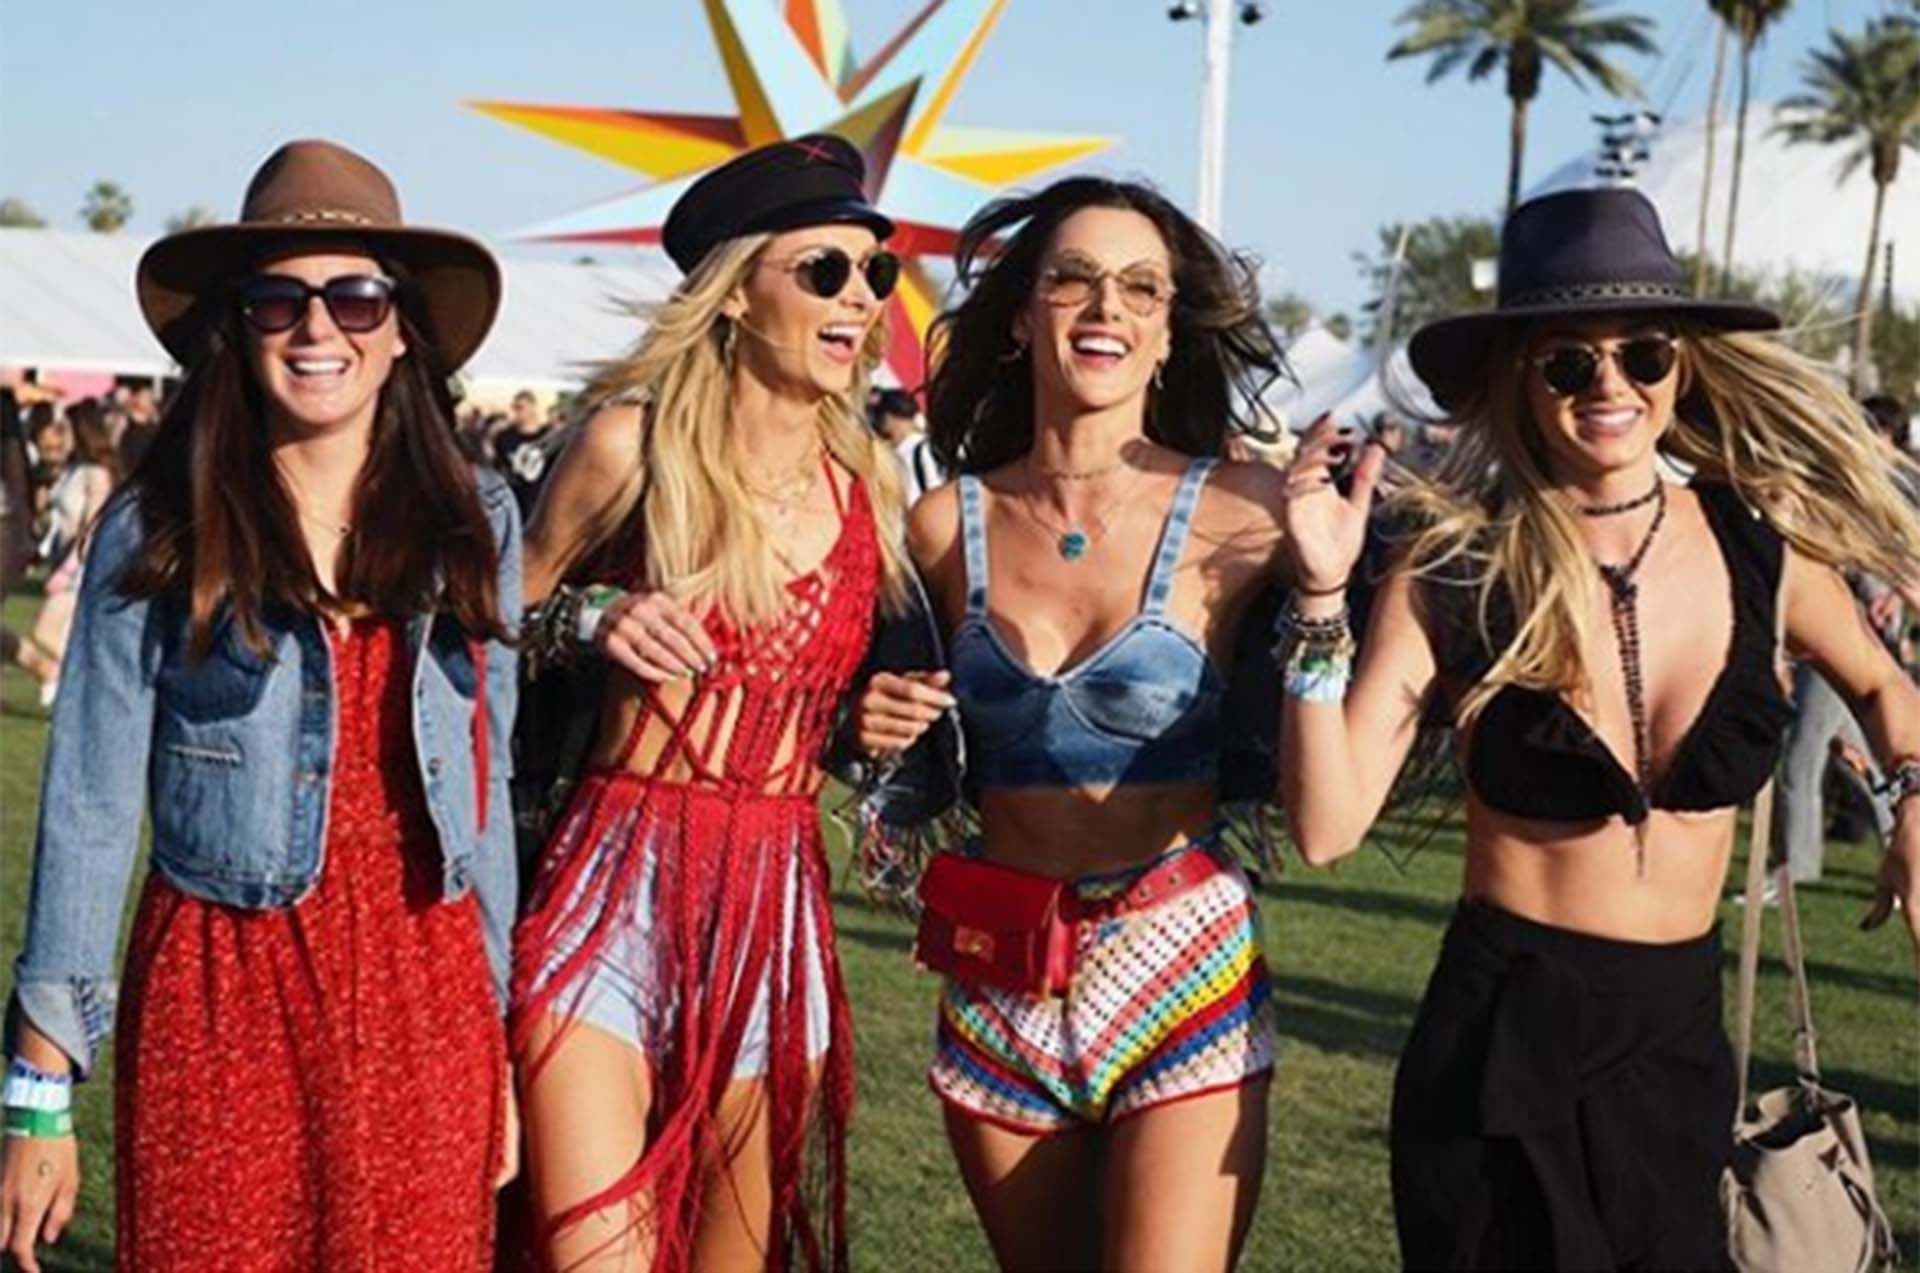 Los ángeles de Victoria's Secret son habitués del festival. Las musas entre ellas Alessandra Ambrosio optaron por el denim y el crochet, una combinación boho chic